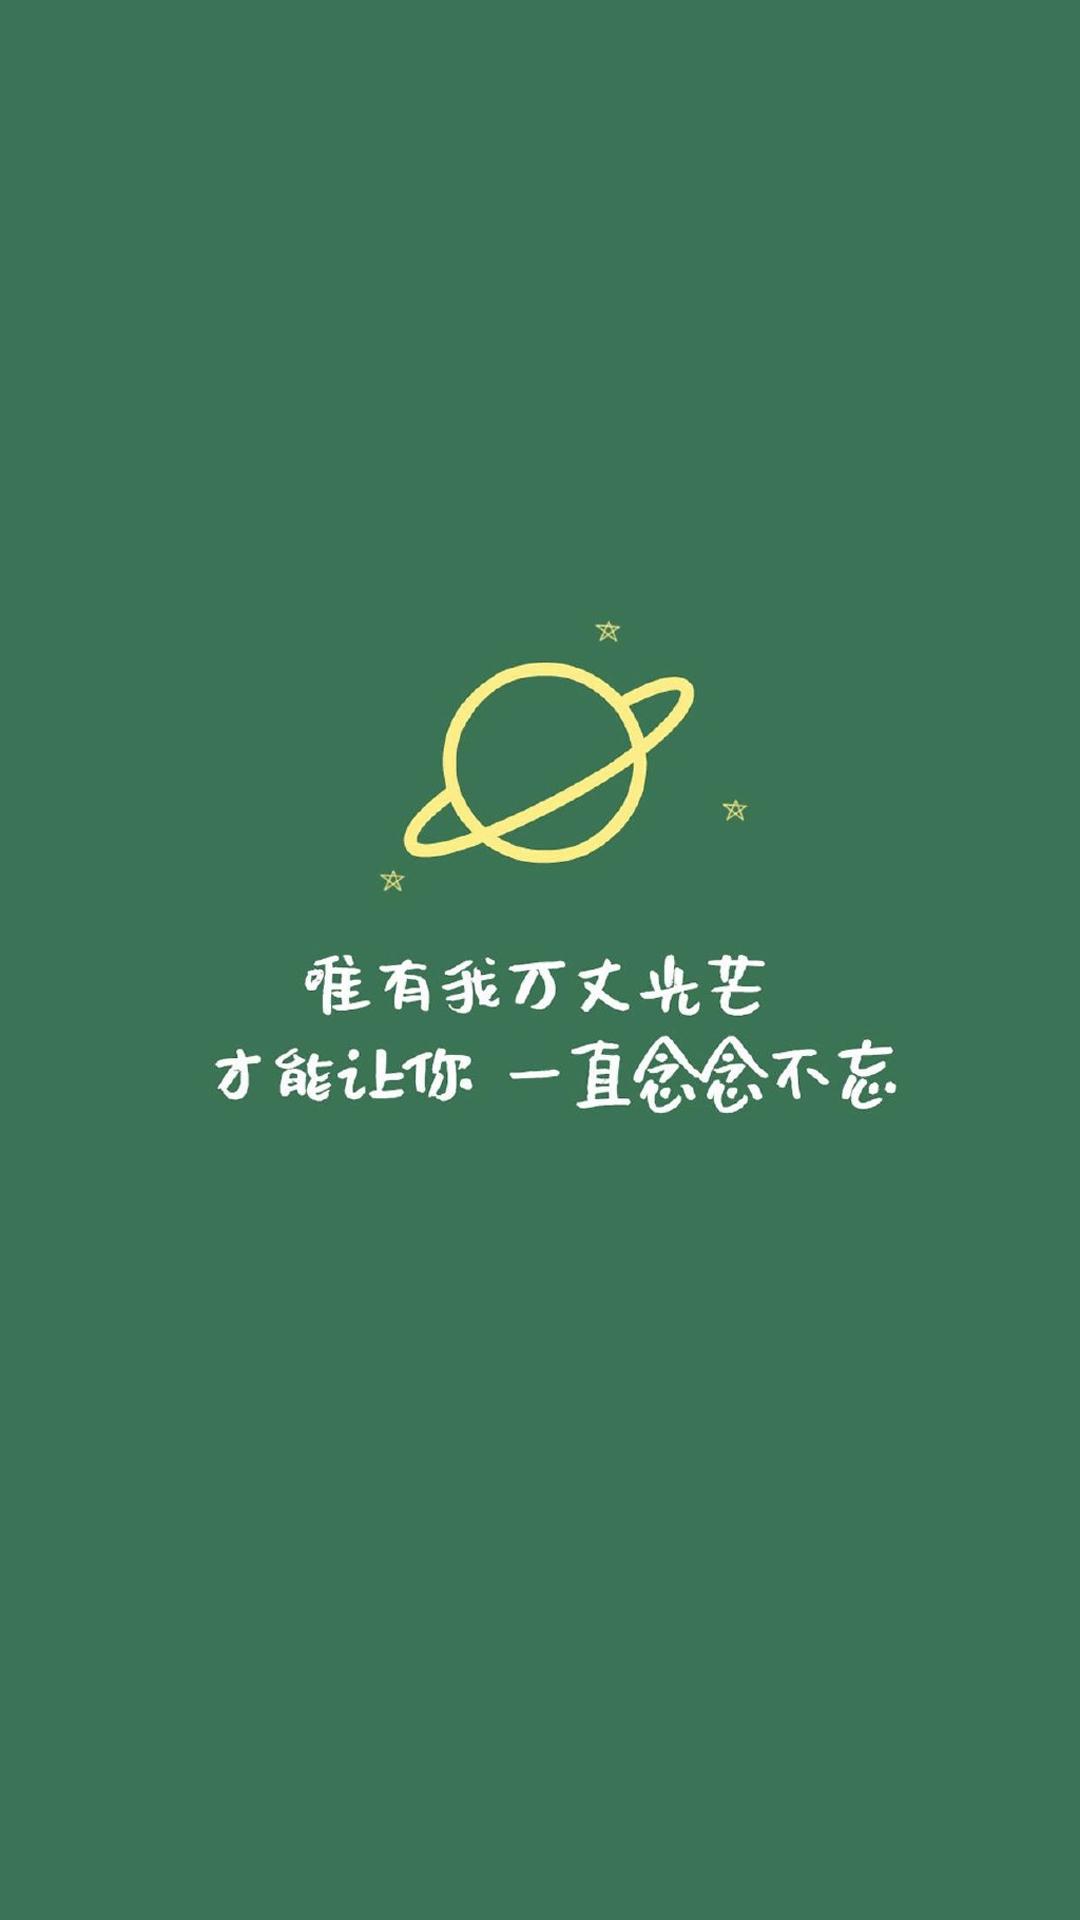 绿色背景创意文字图片手机锁屏壁纸